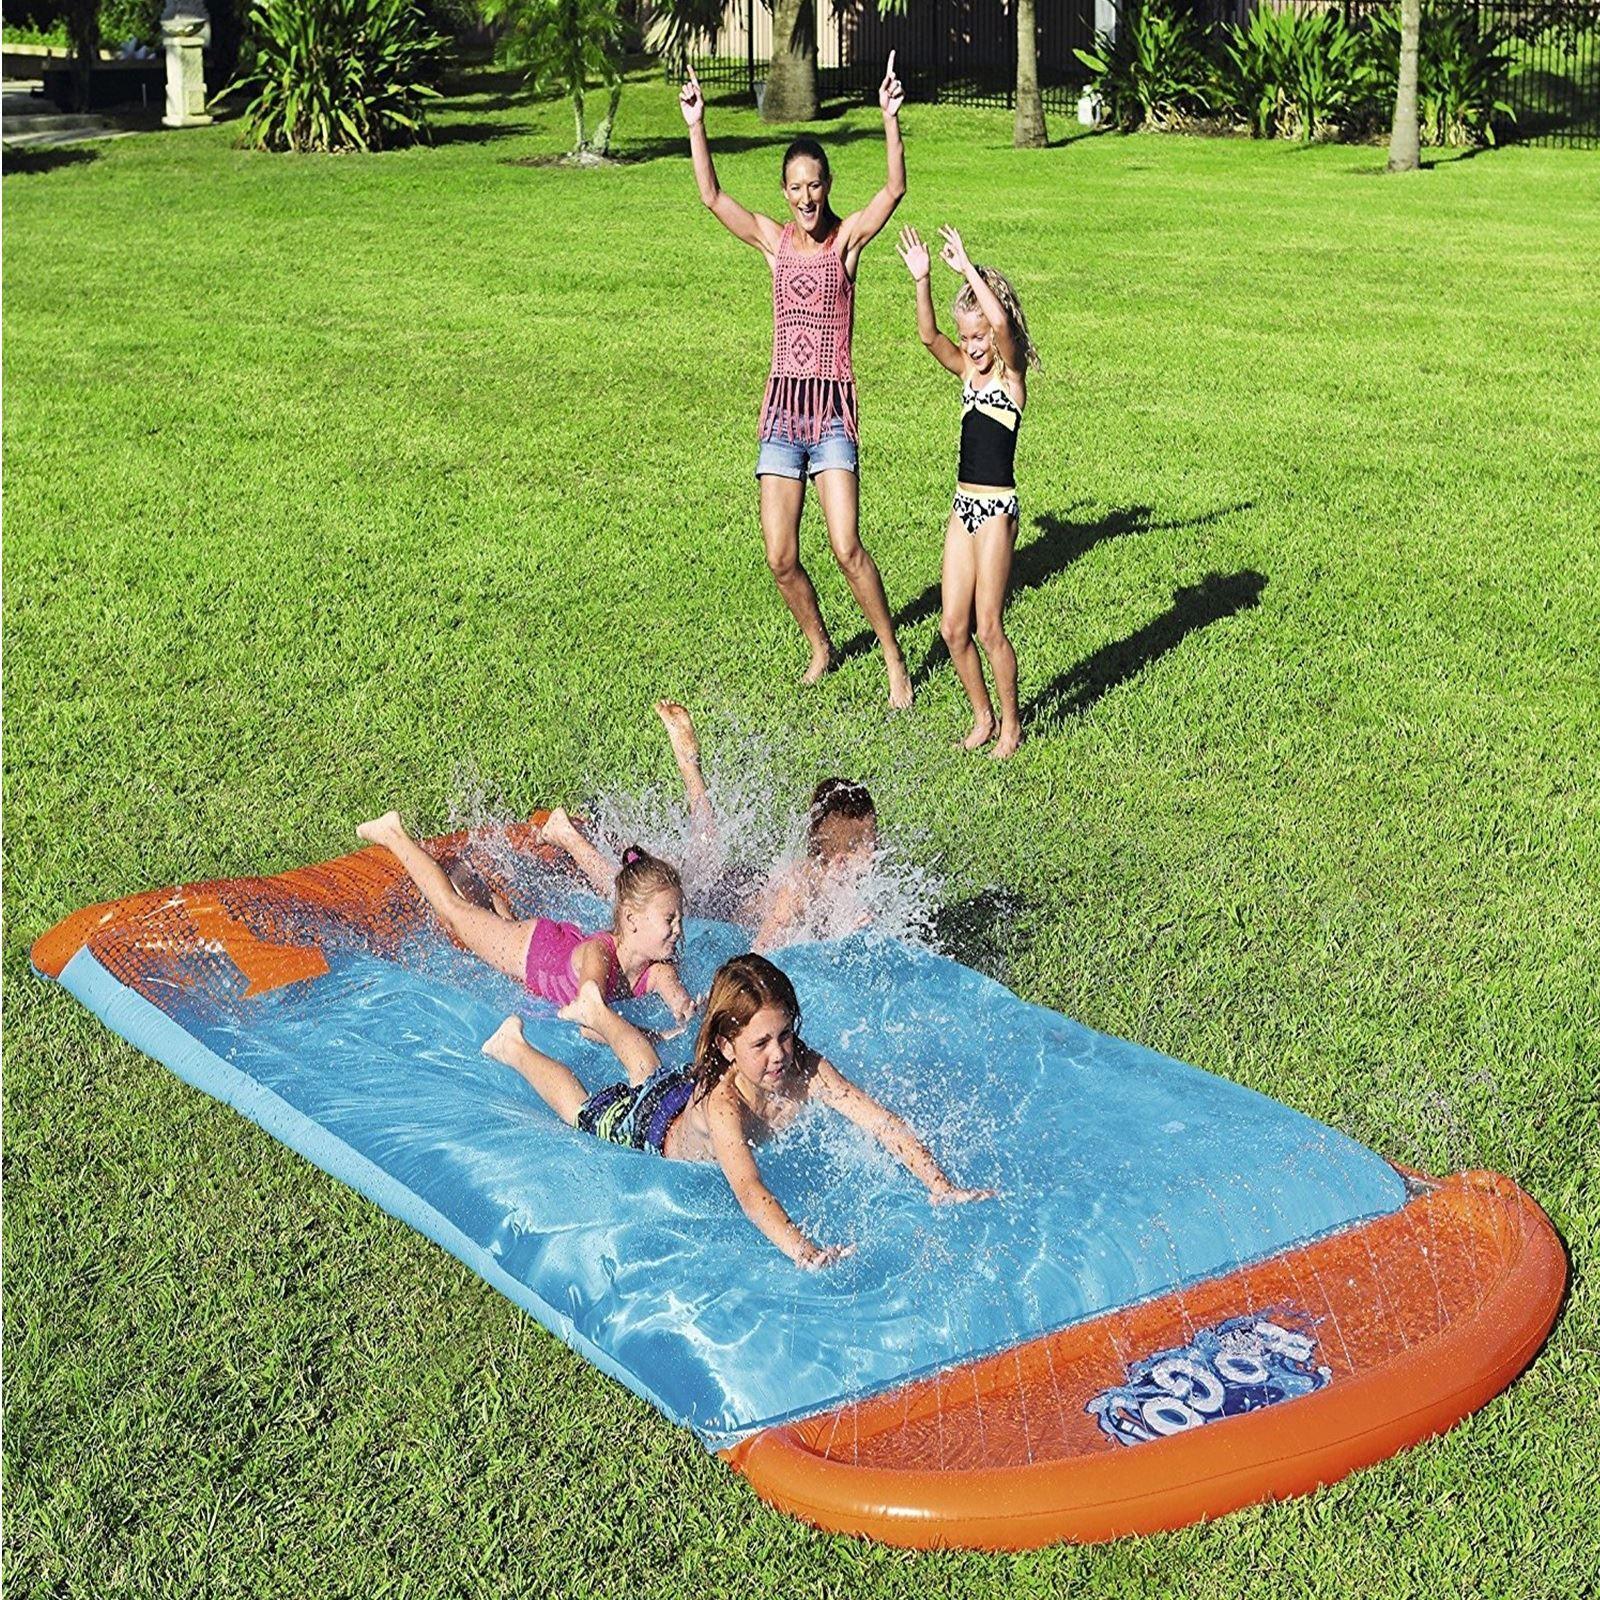 Bestway H20 Go Blobzter Kinder Wasser Rutsch n 15' Garten Sprinkler Spielzeug